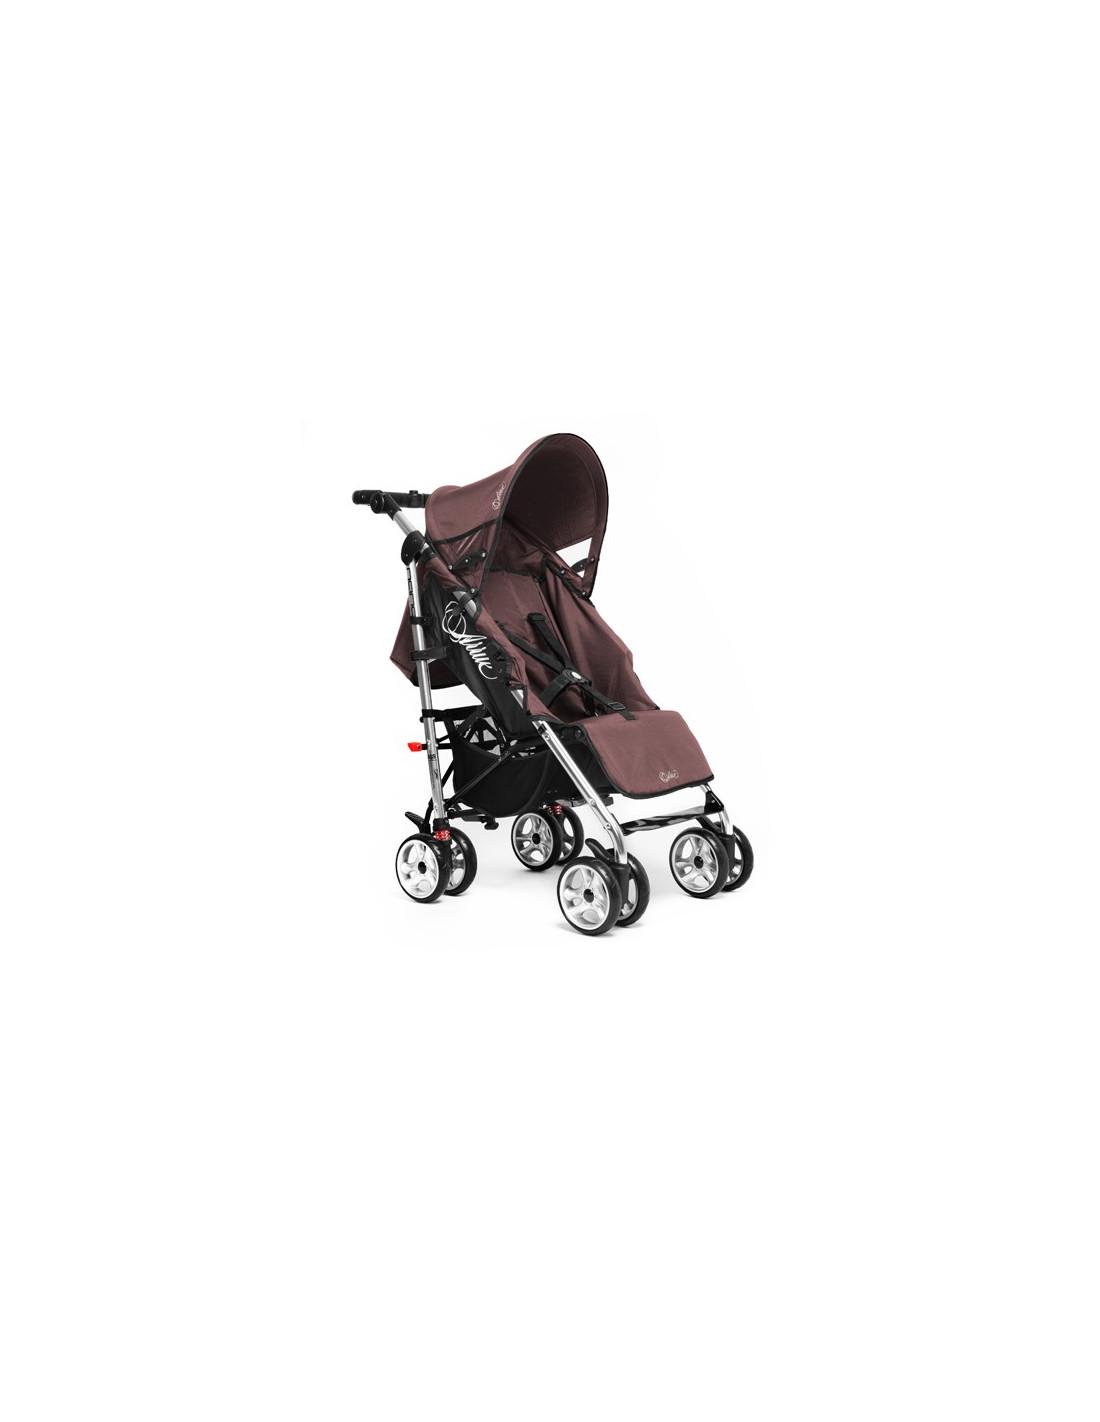 Silla de paseo nano de arrue la mejor silla de paseo para tu beb - Silla de paseo karibu ...